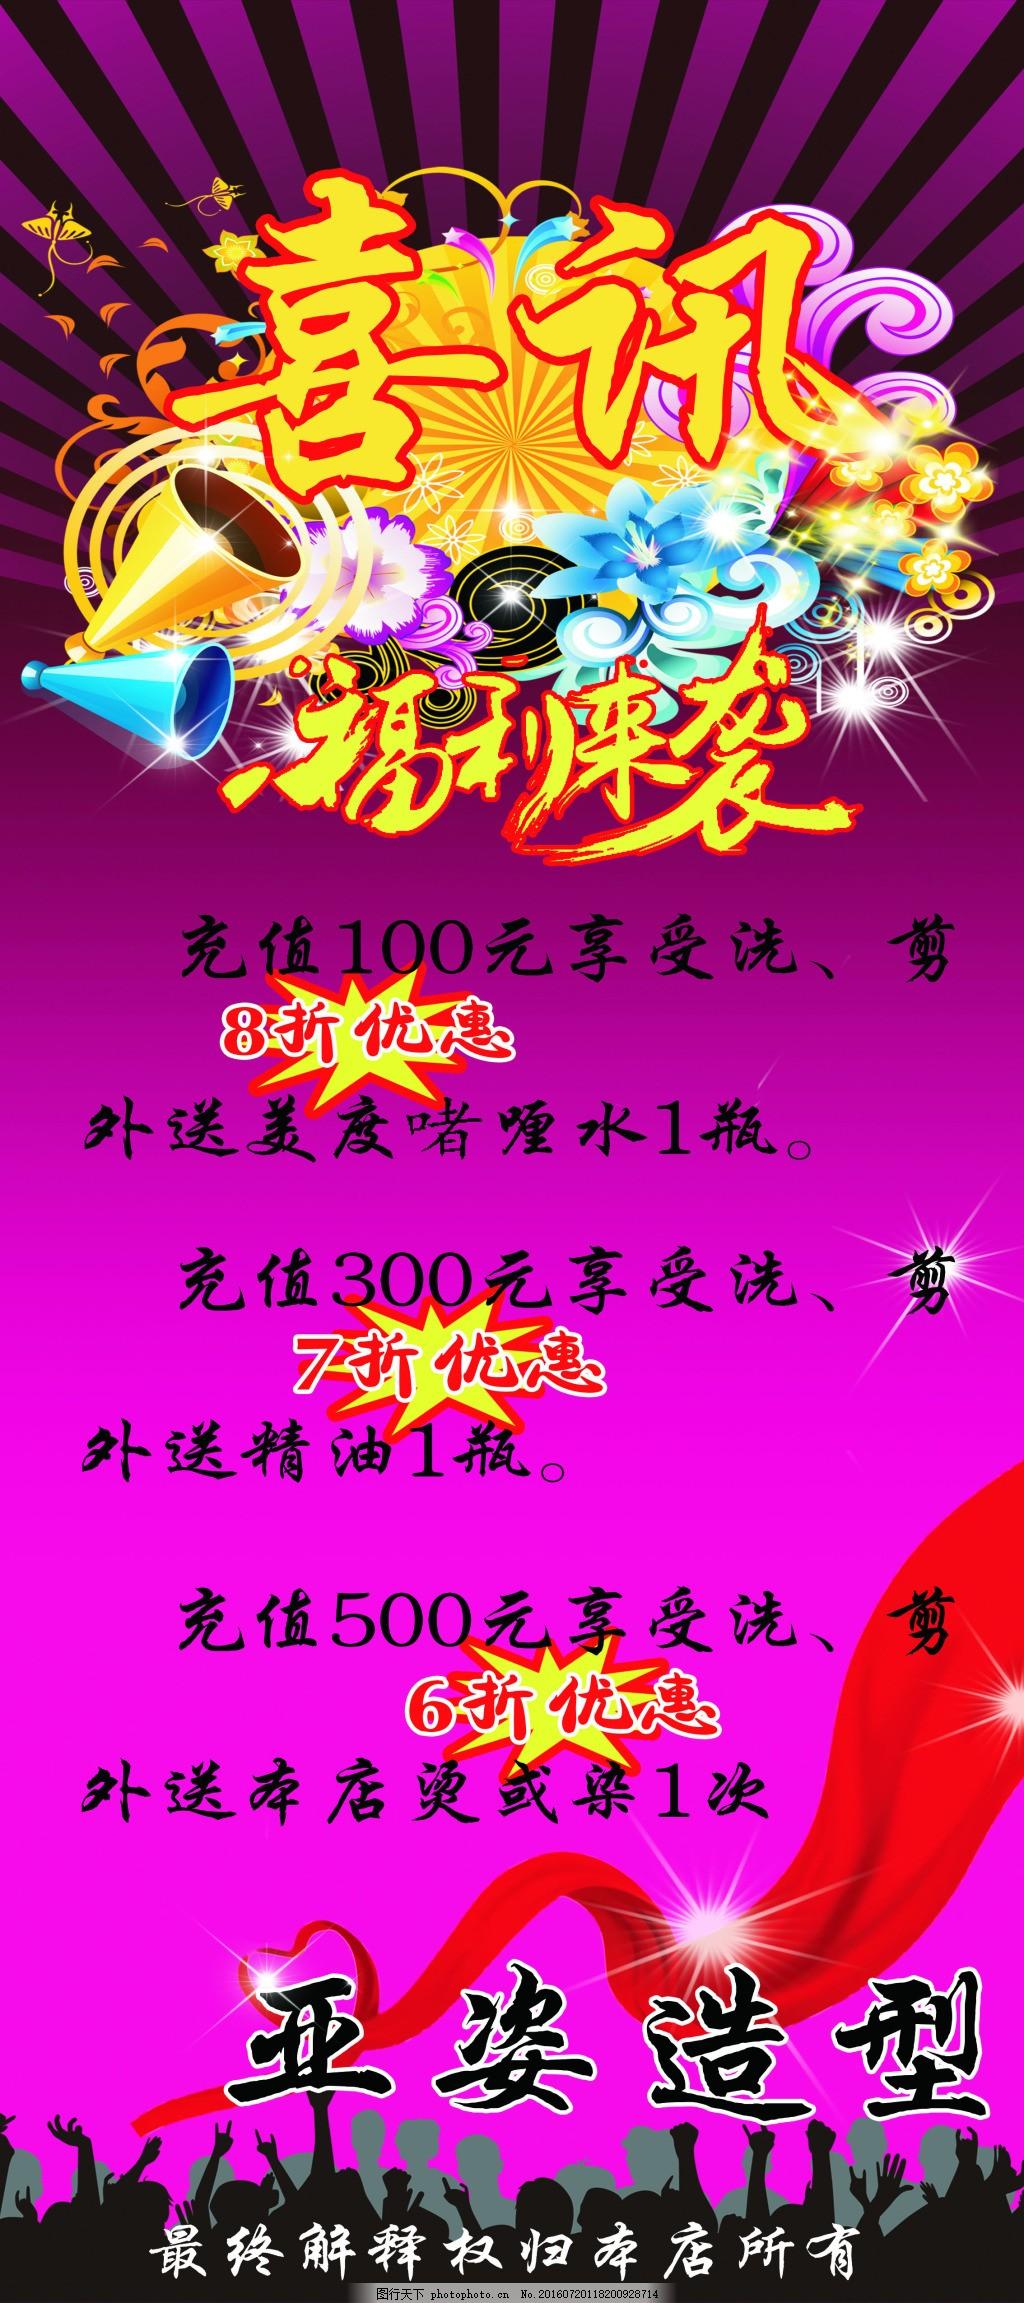 理发店海报 x展架 理发店 喜讯海报 优惠海报 紫色海报 1.